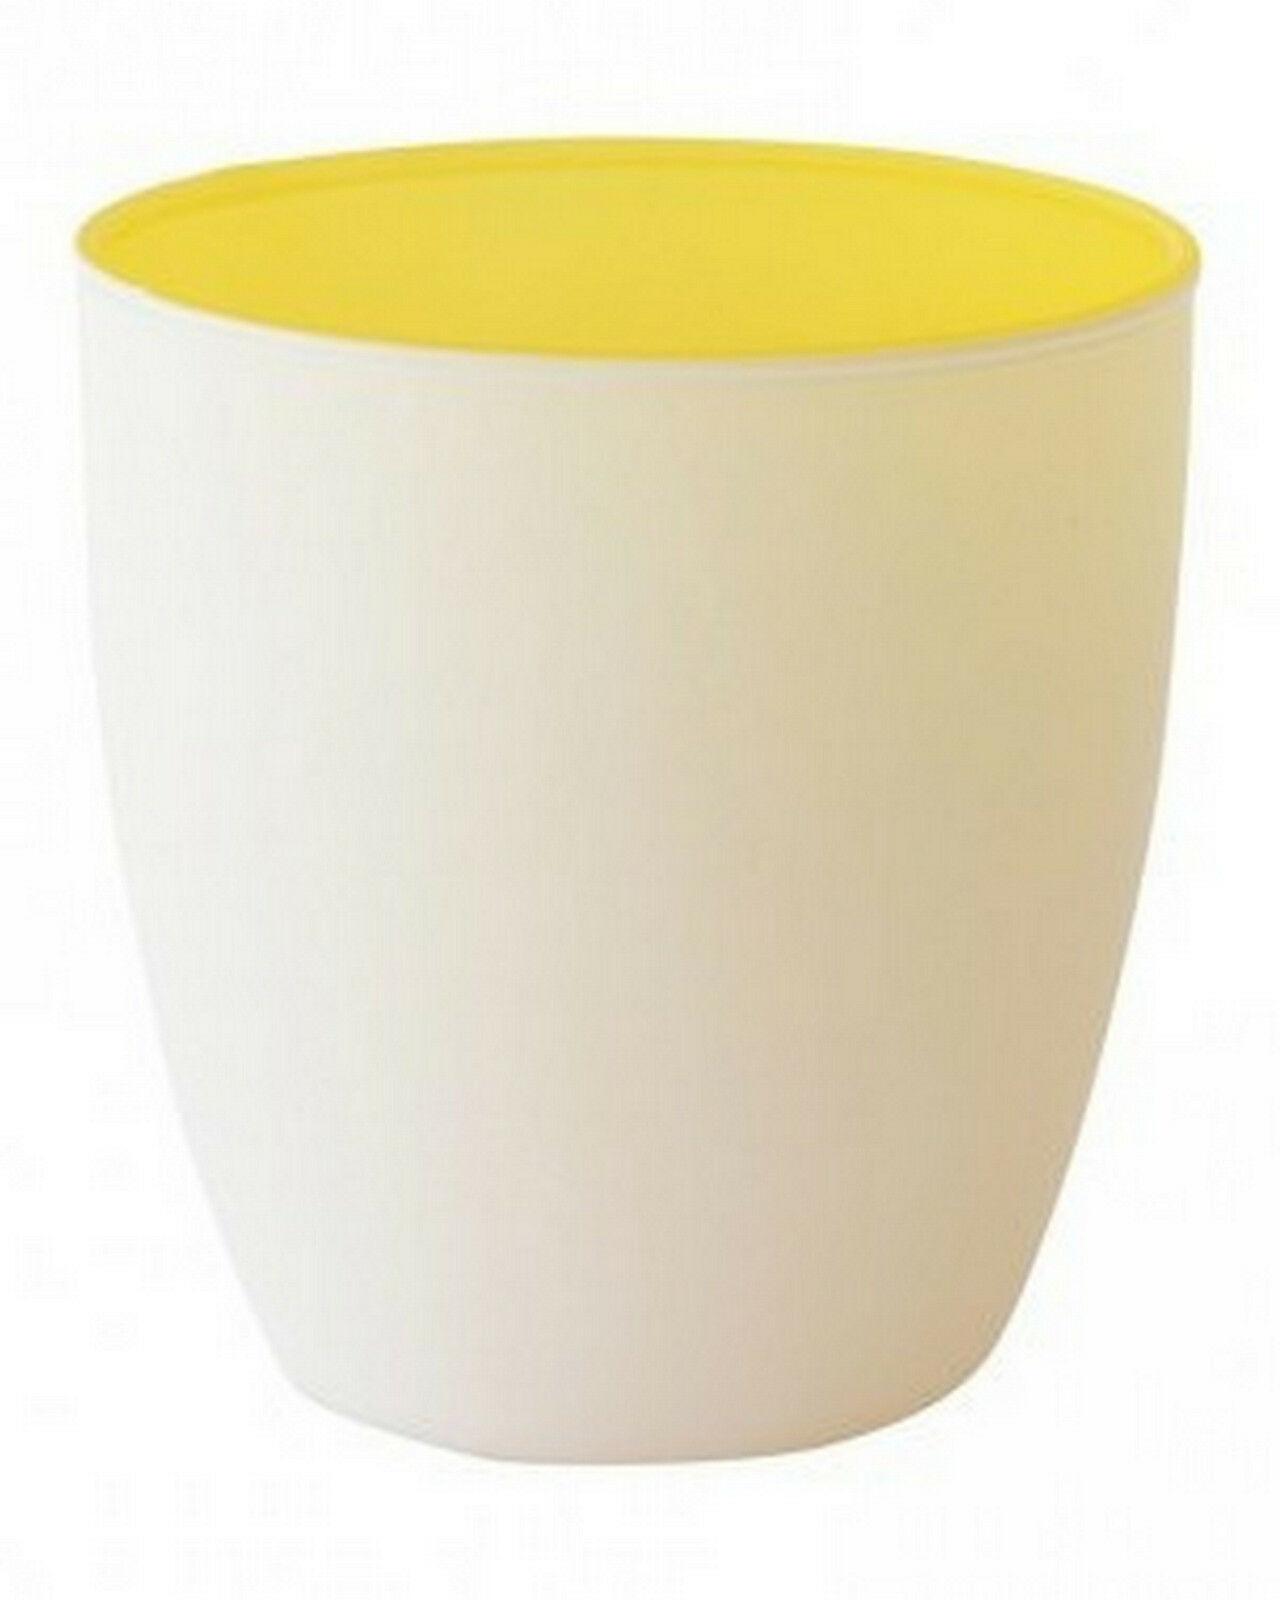 20 Kerzenhalter Teelichthalter 85x90mm Maxilichtglas Votivglas Kerzenglas B-Ware - Gelb, 20 Stück